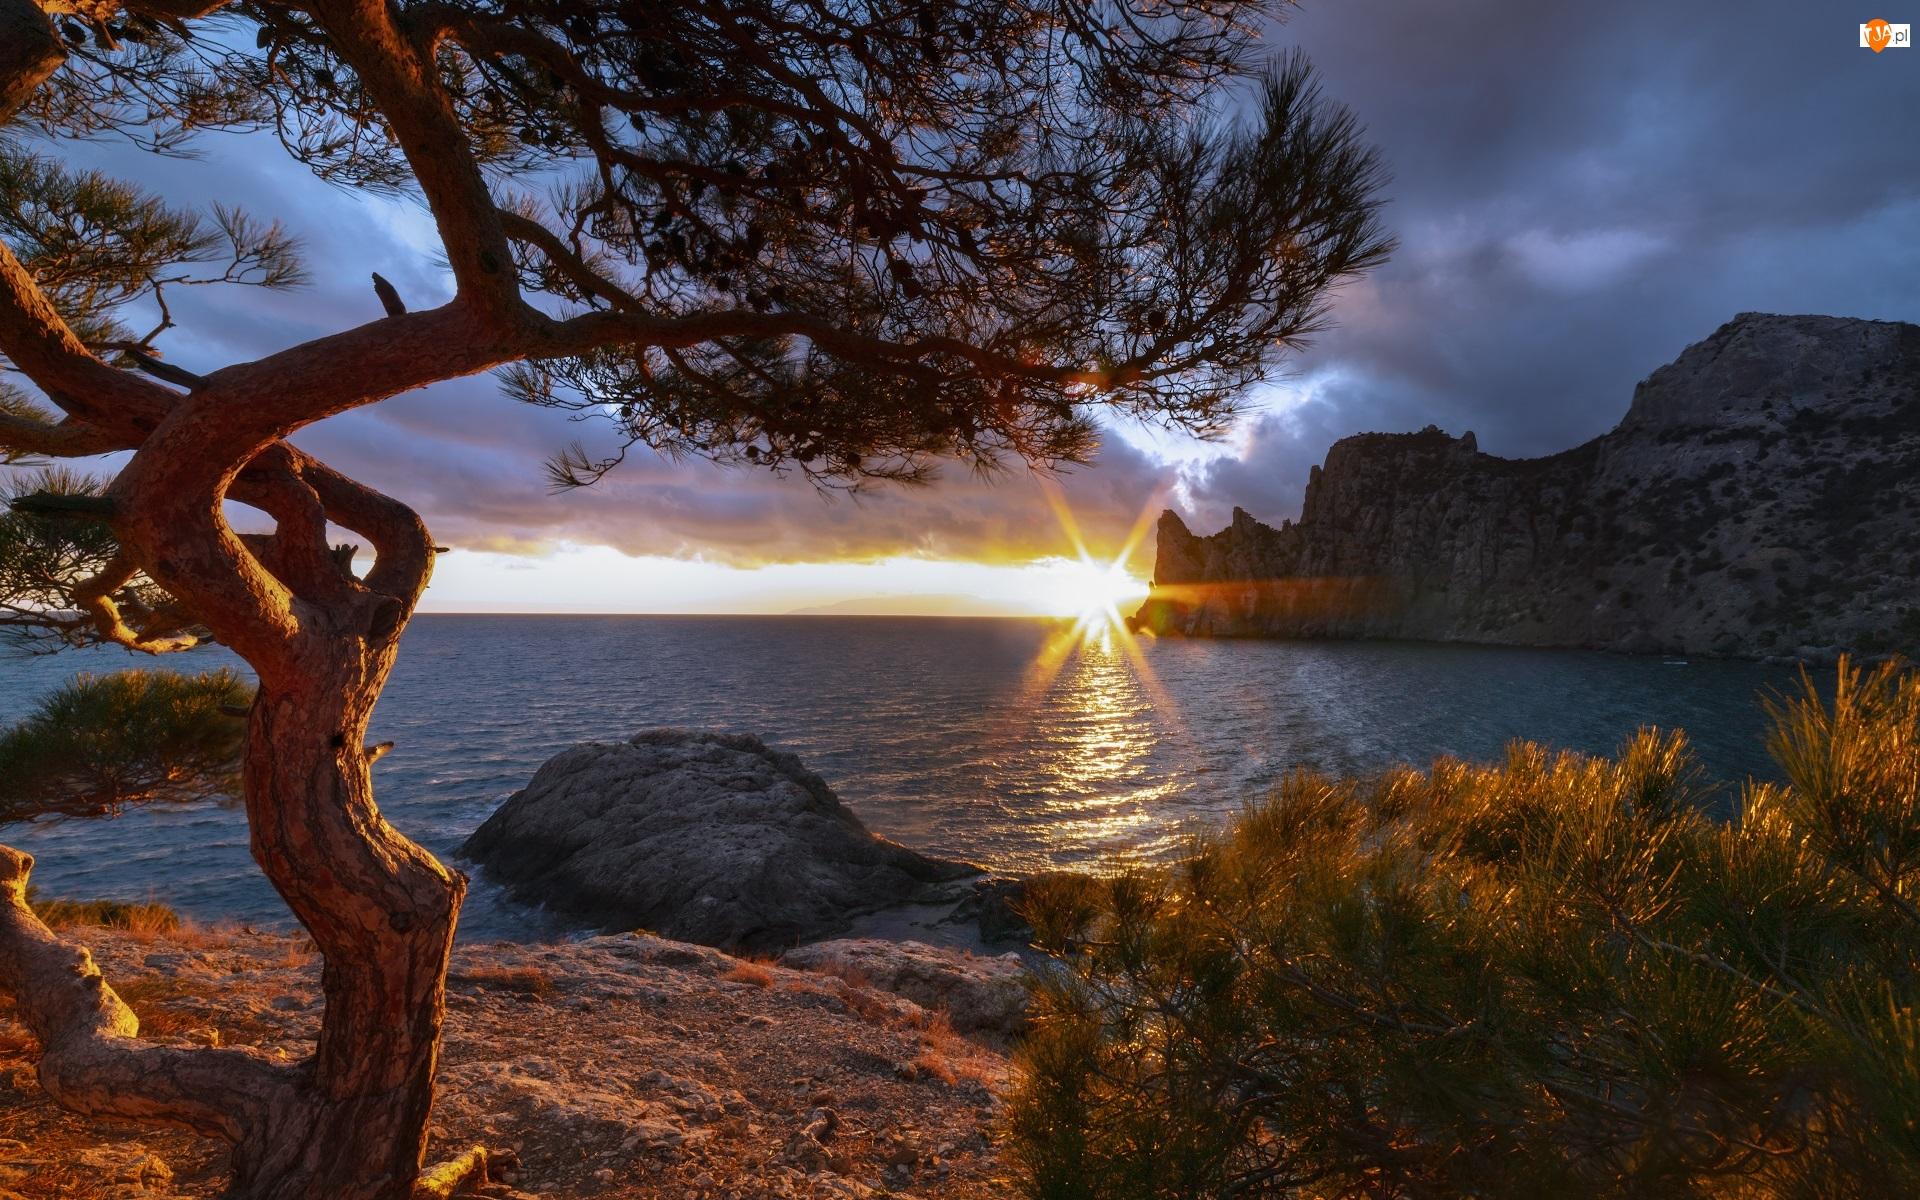 Drzewo, Morze Czarne, Wybrzeże, Sosna, Promienie słońca, Skały, Krym, Chmury